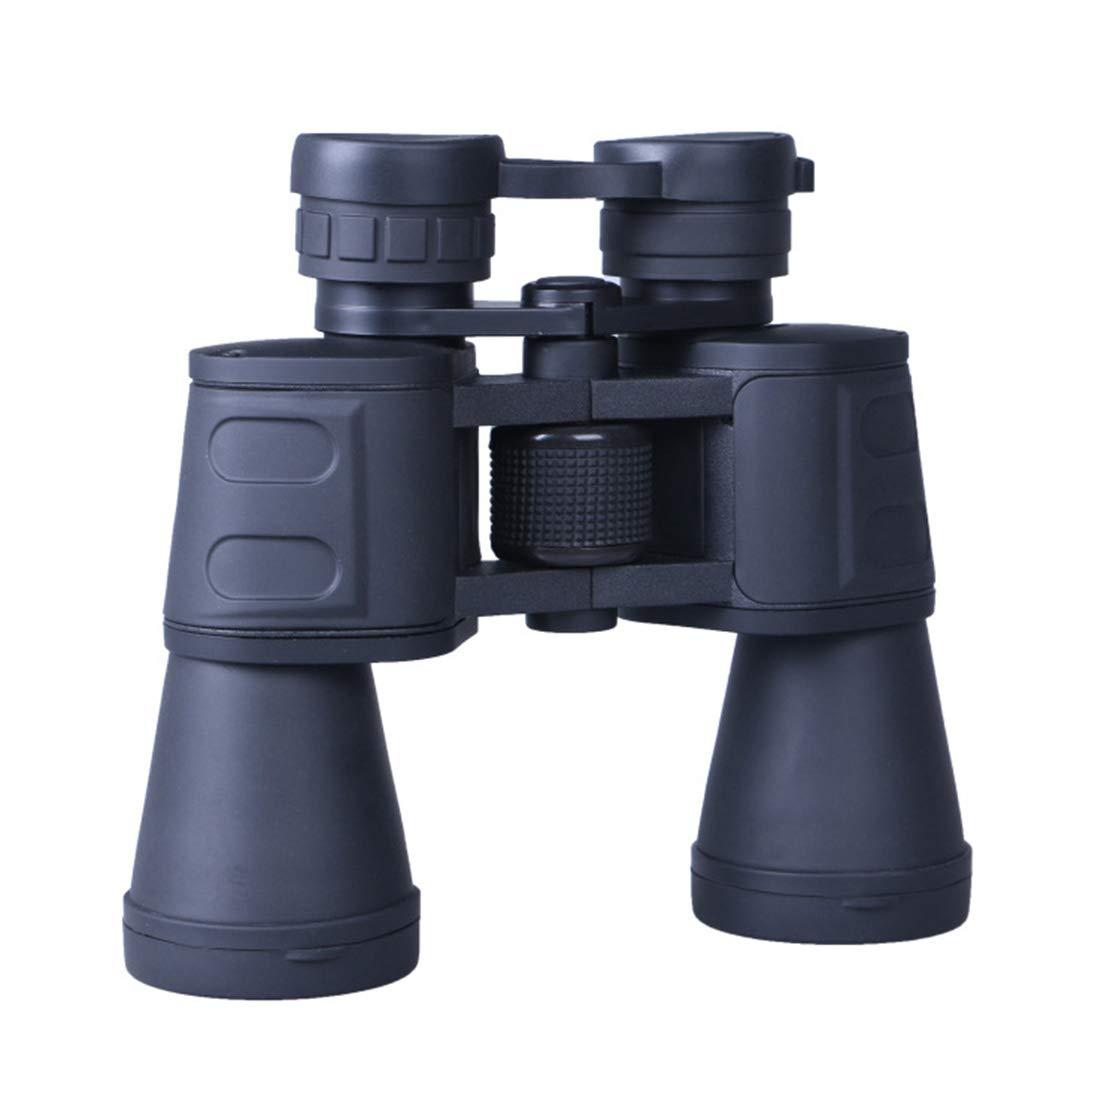 FELICIOO Telescopio visión de visión Telescopio Nocturna con poca luz portátil de Alta Potencia al Aire Libre de los prismáticos 10  50 para el Uso al Aire Libre (Color : Negro) 6c17e8